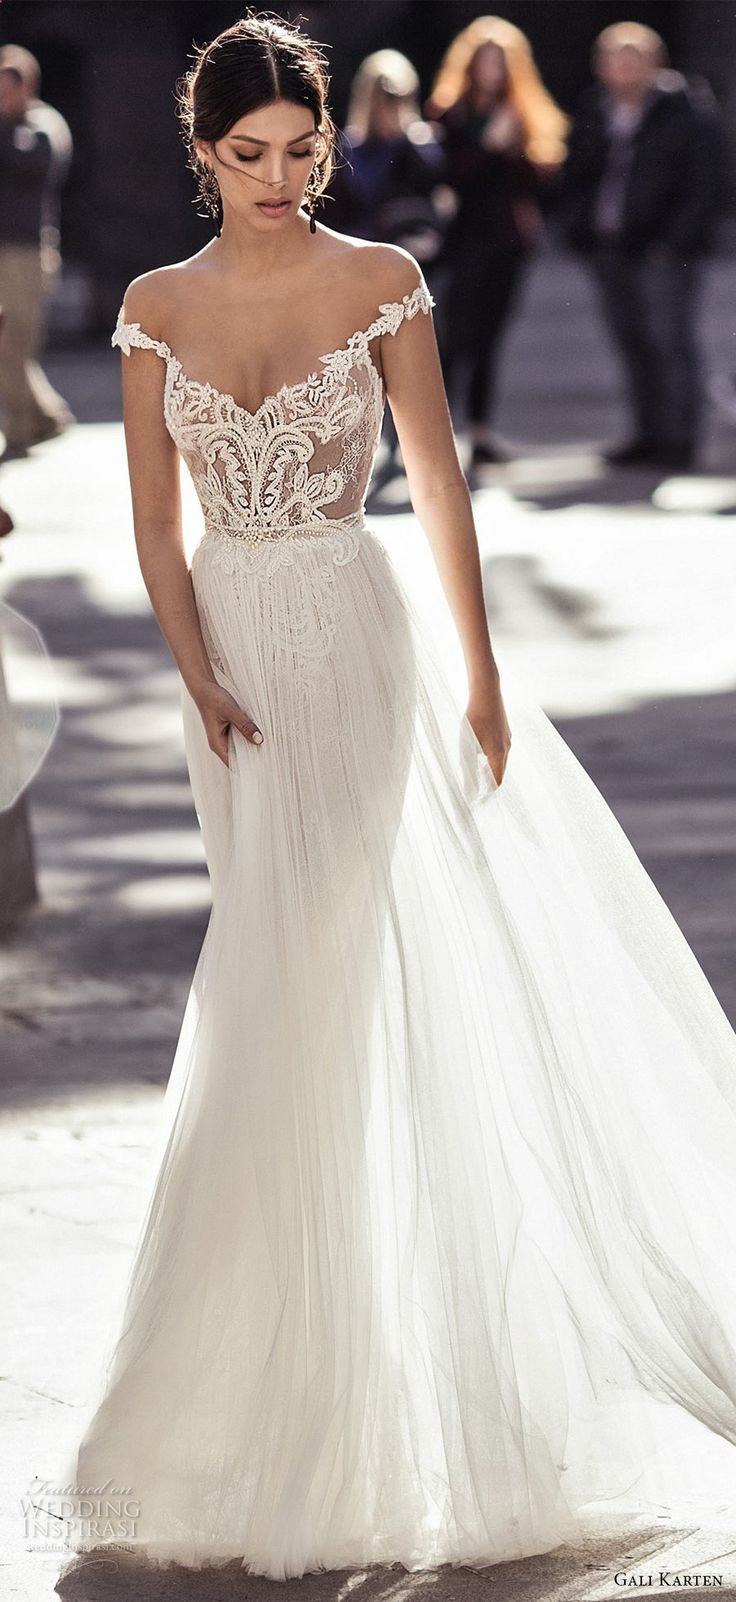 gali karten 2017 bridal off the shoulder v neck heavily embellished bodice tulle skirt romantic a line wedding dress sweep train (1) mv -- Gali Karten 2017 Wedding Dresses